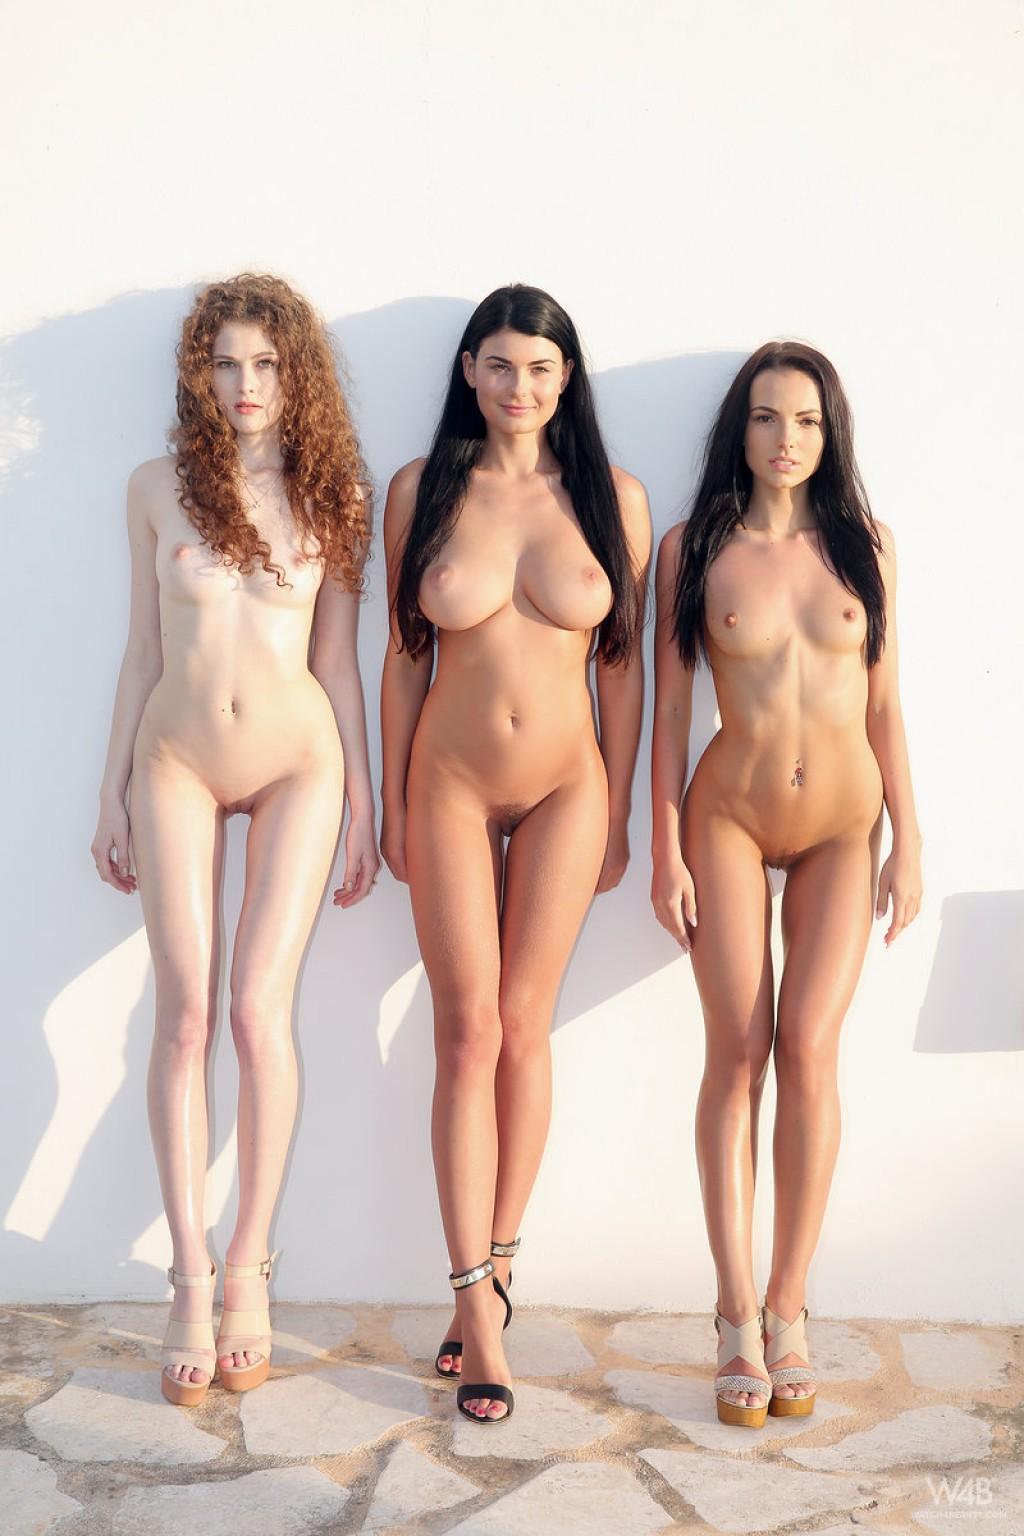 Die Euro-Süßen Sapphira, Lucy und Heidi zeigen ihre natürliche Schönheit im Freien